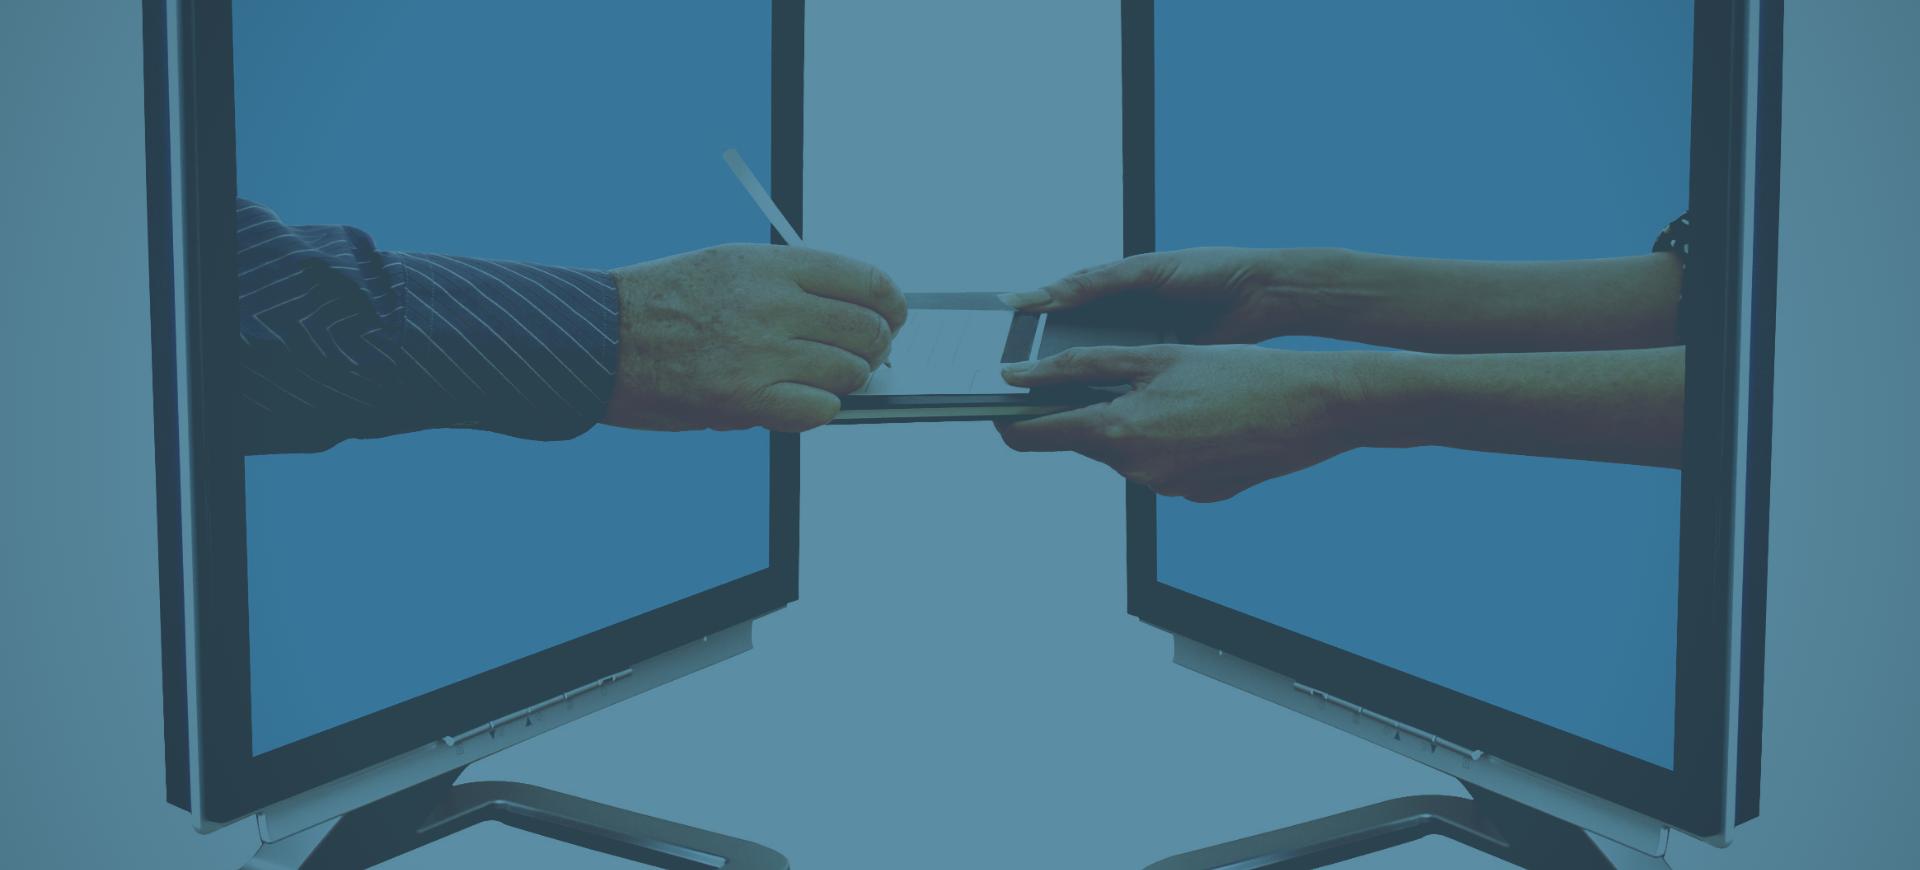 Webinar gratuito 19.03.2020 | Crea e Firma i Contratti Digitali in Sicurezza e Mobilità: Facile con la Firma DOCSIGN